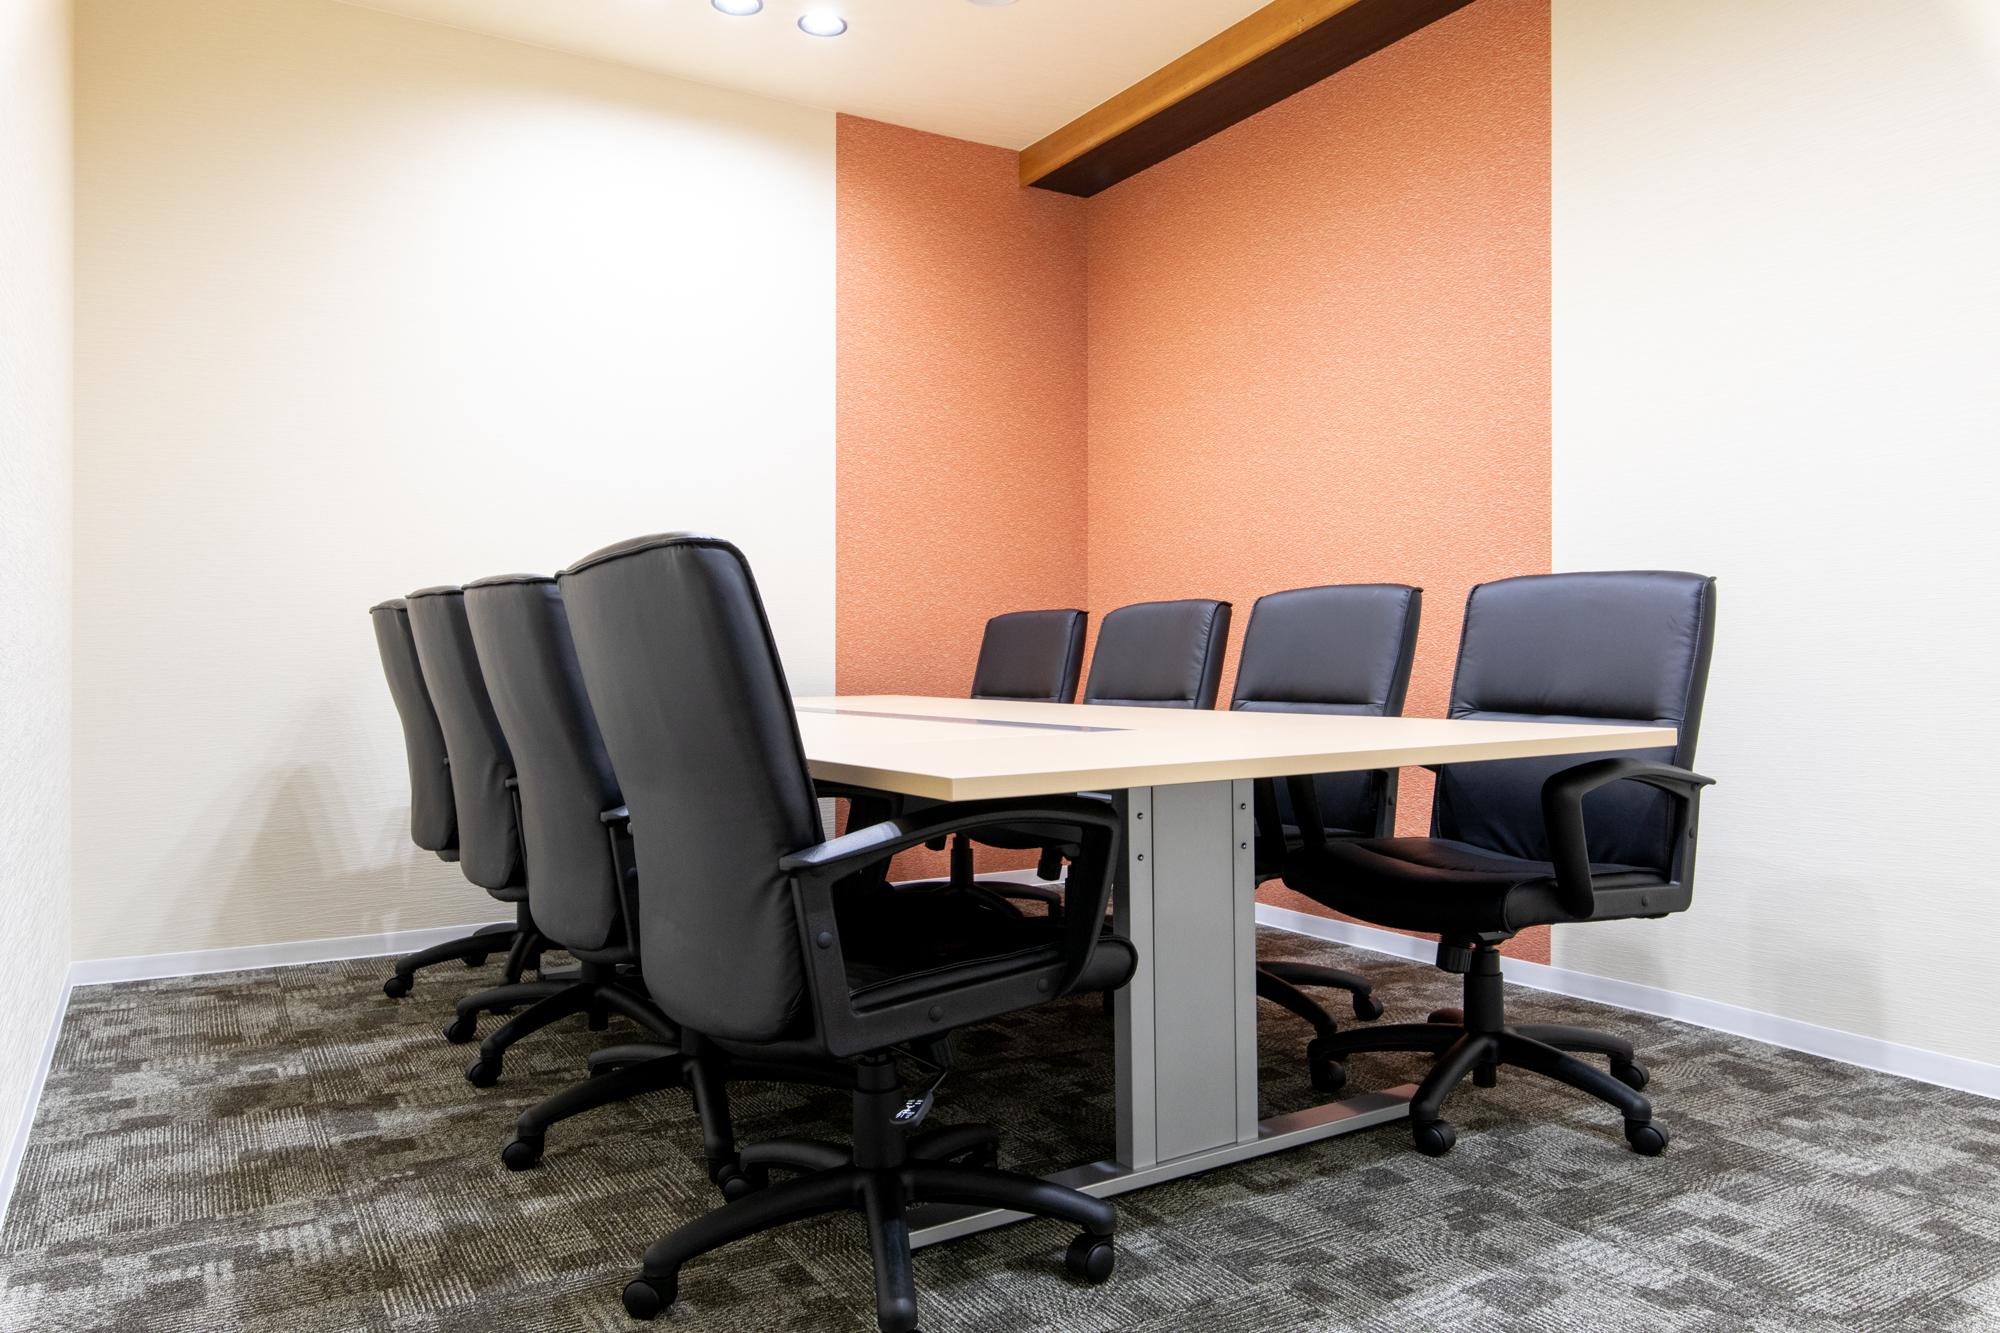 【会員様月5時間無料】全国50拠点の会議室が利用可能